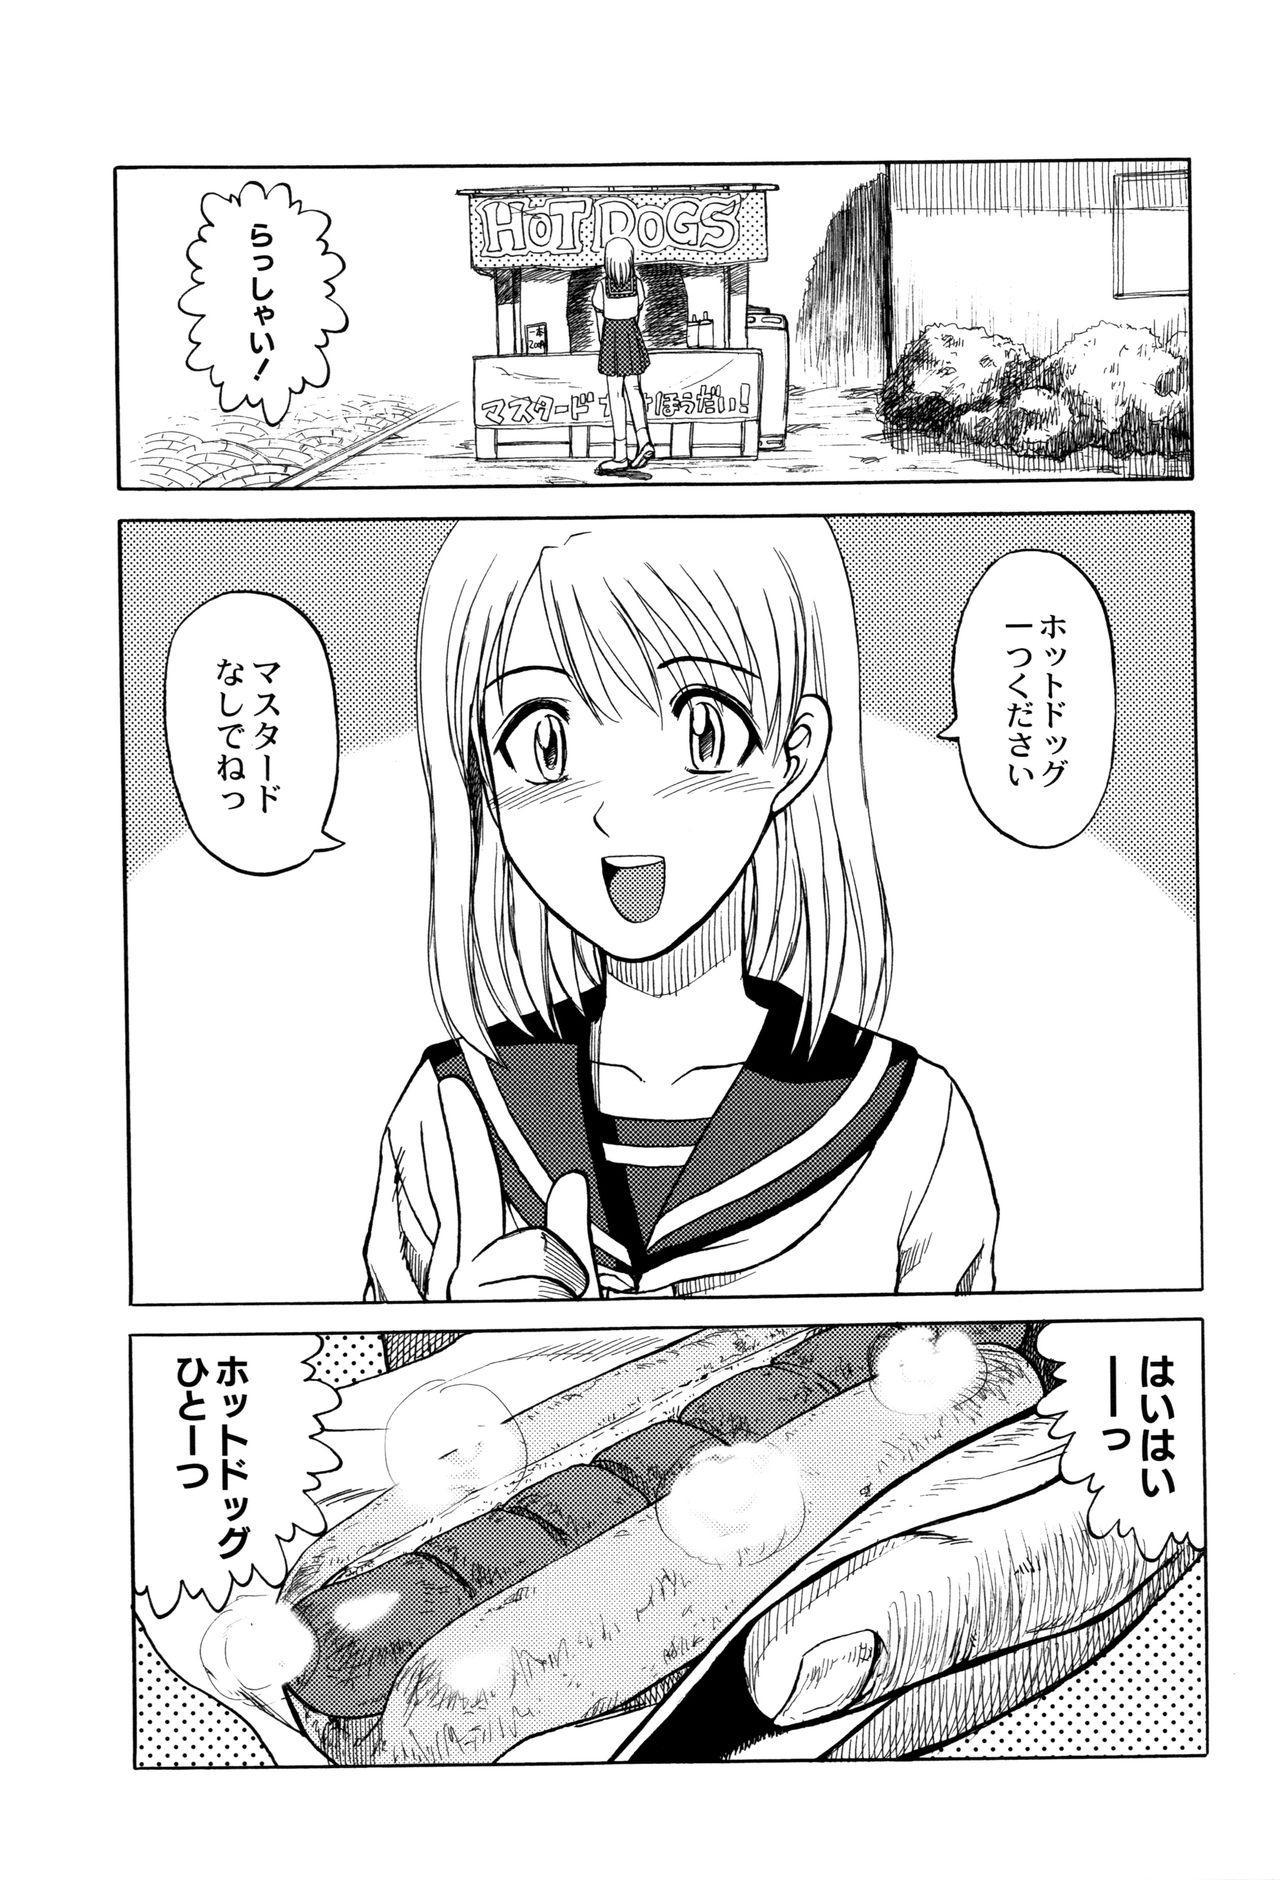 Chishigoyomi 77